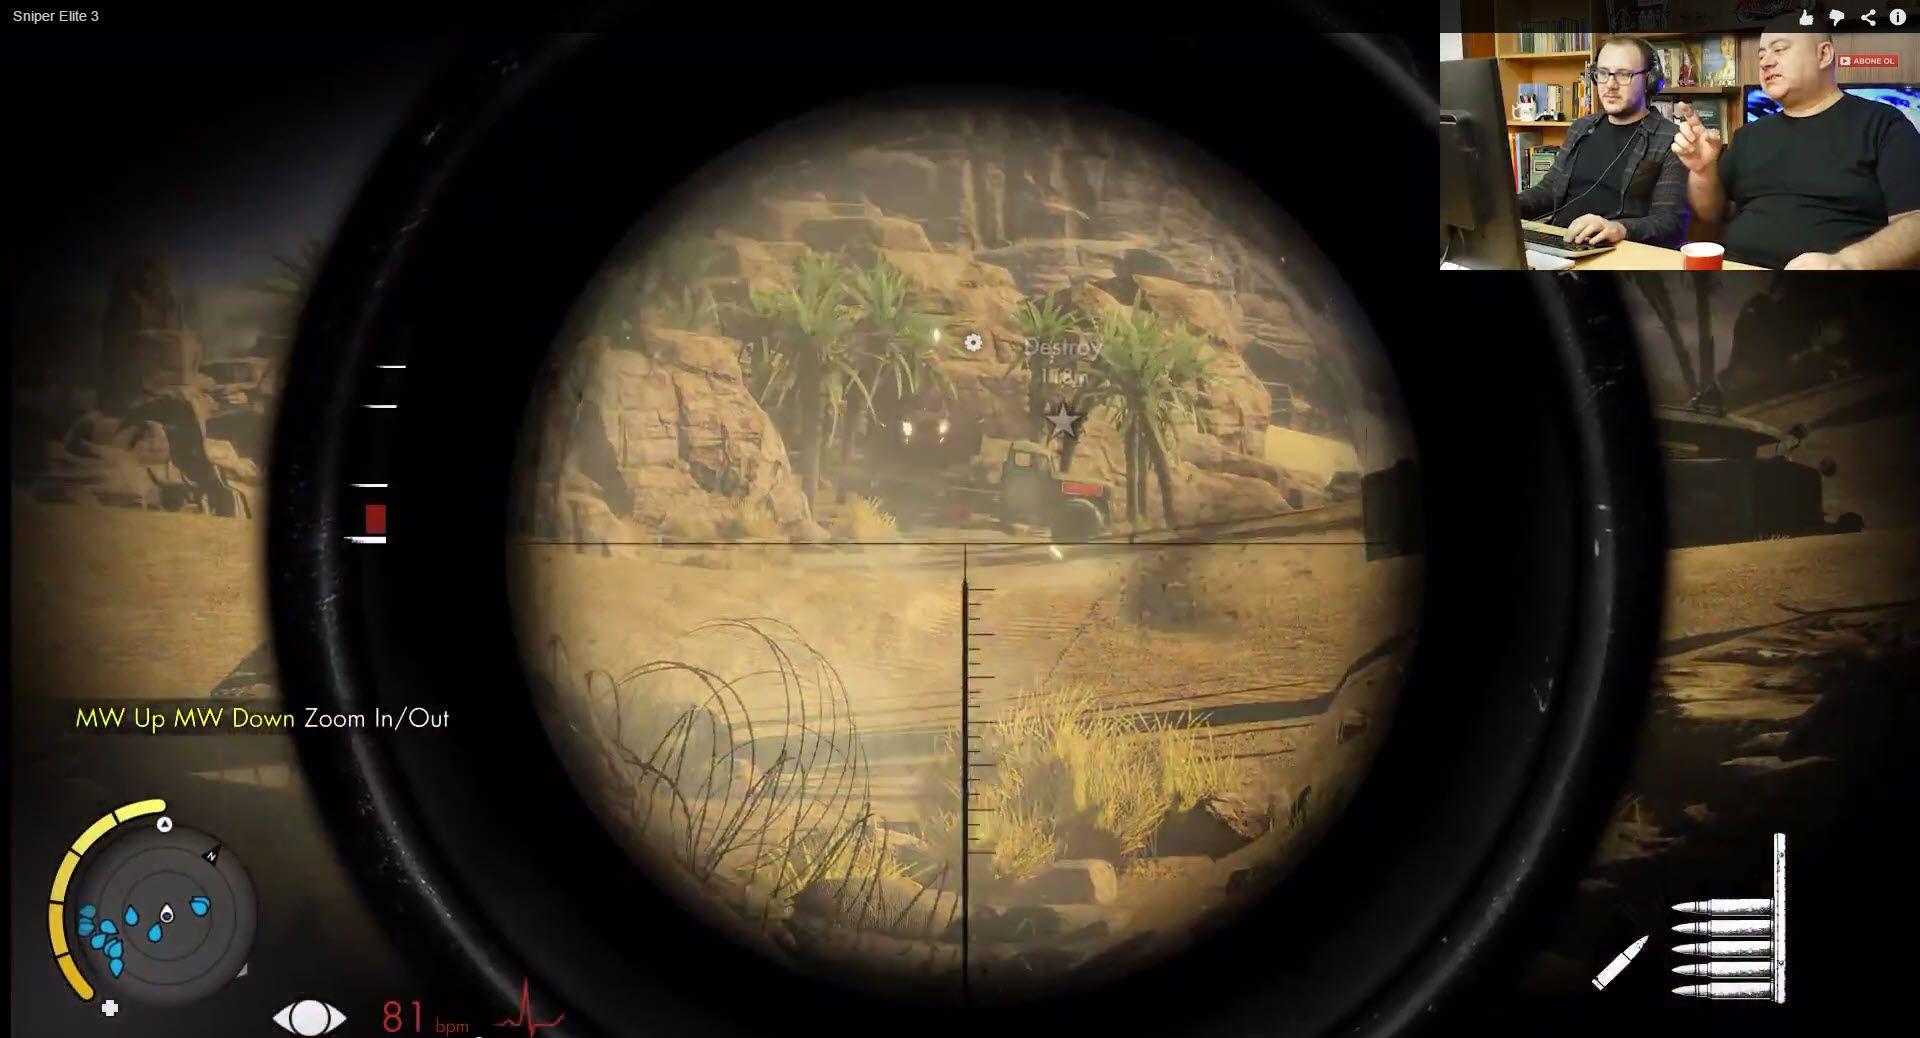 Çöl Haritasını Ultra Hd De Oynadık: Sniper Elite 3 Oynuyoruz: Kurşuna Kafa Atan Adam